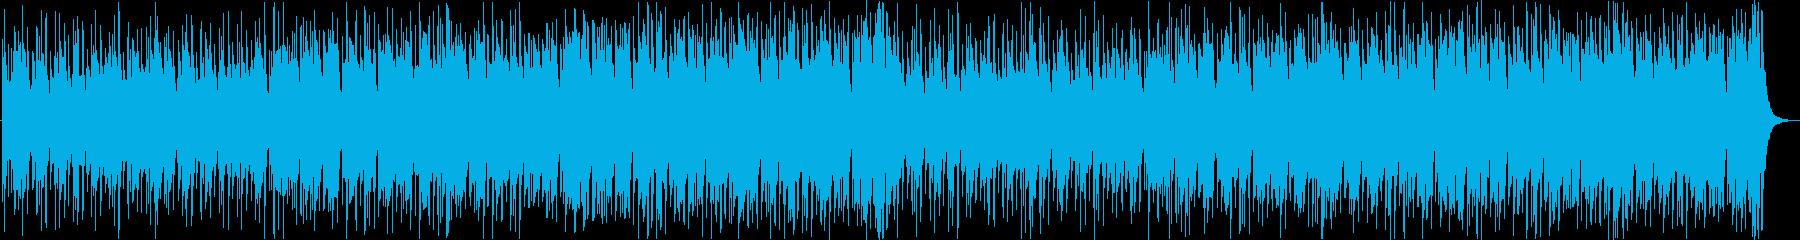 軽快切ない哀愁レゲエラテンヒップホップbの再生済みの波形